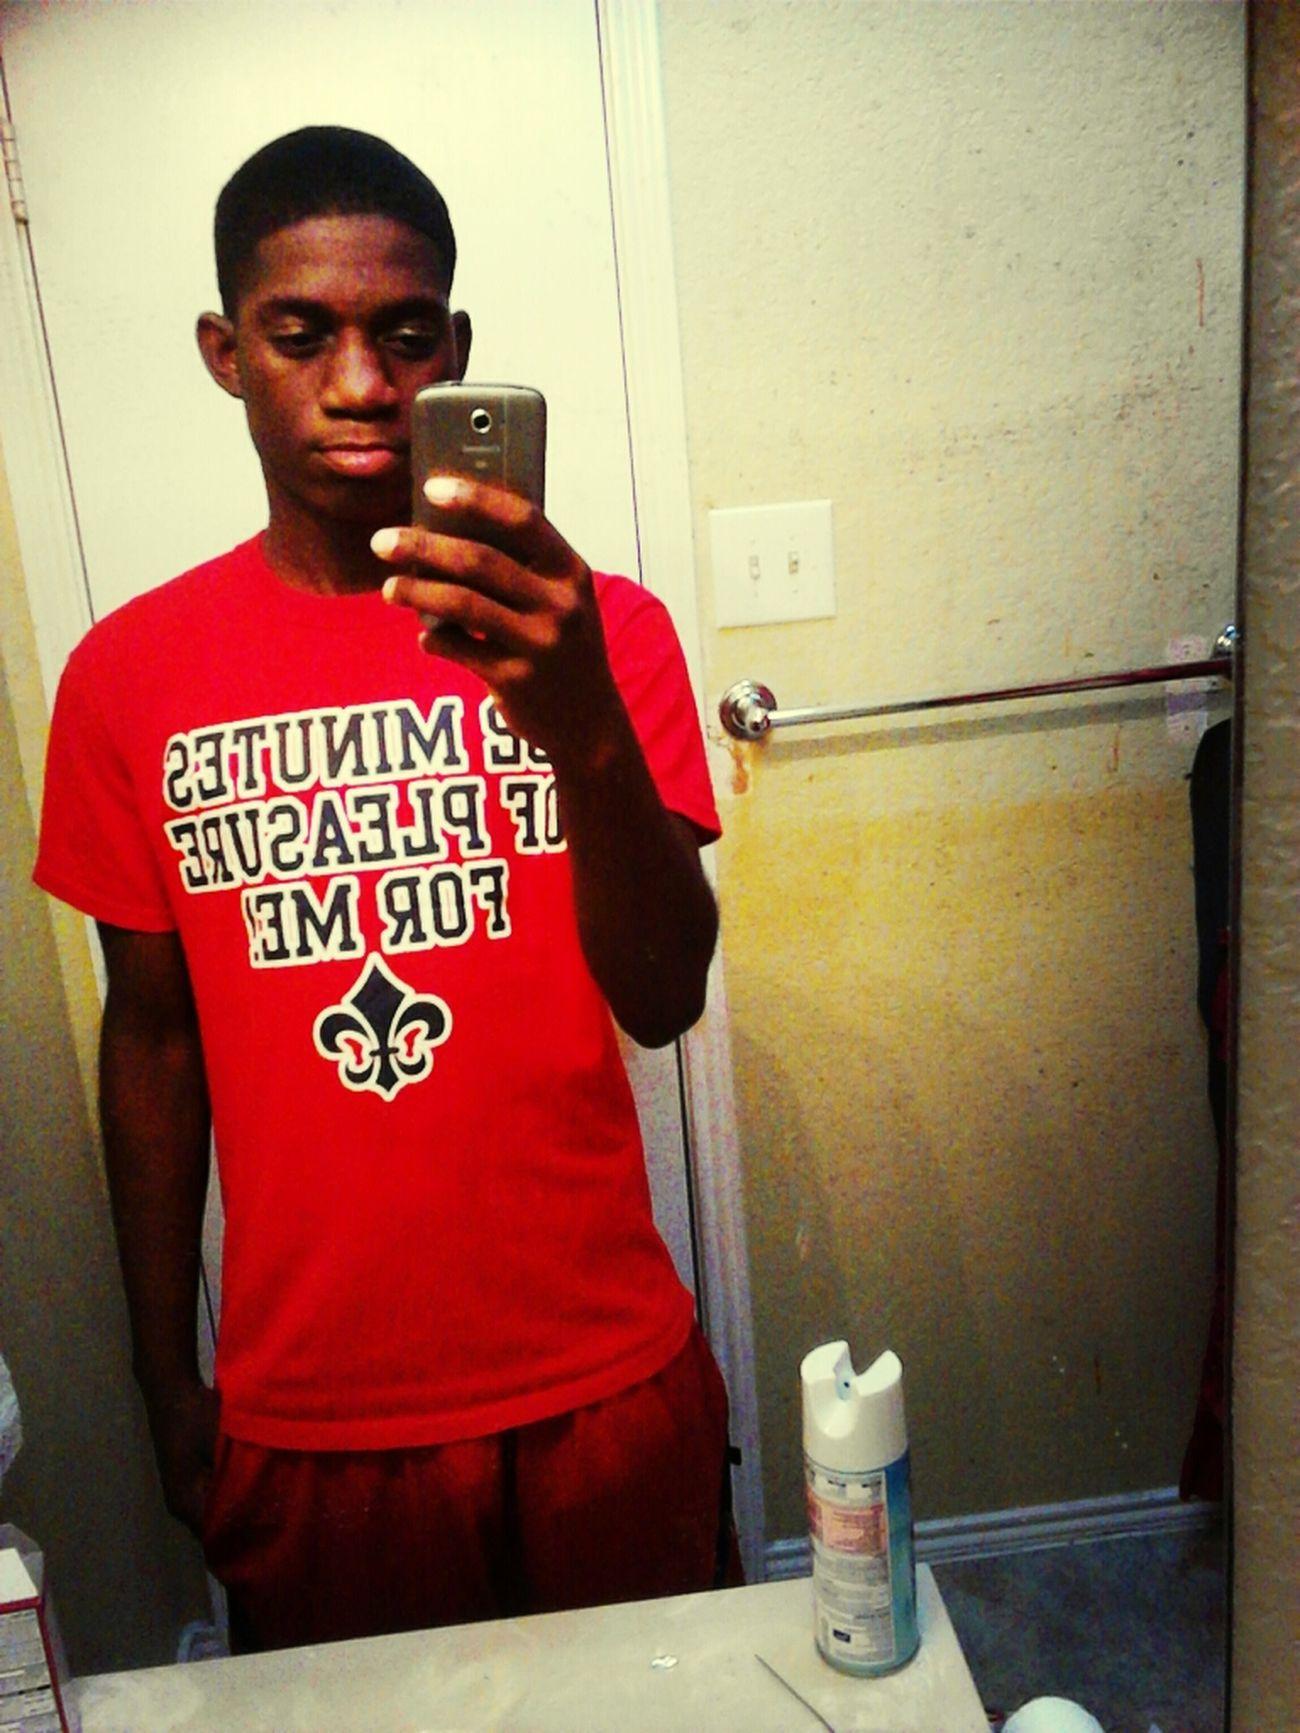 Sick #KnightShirt